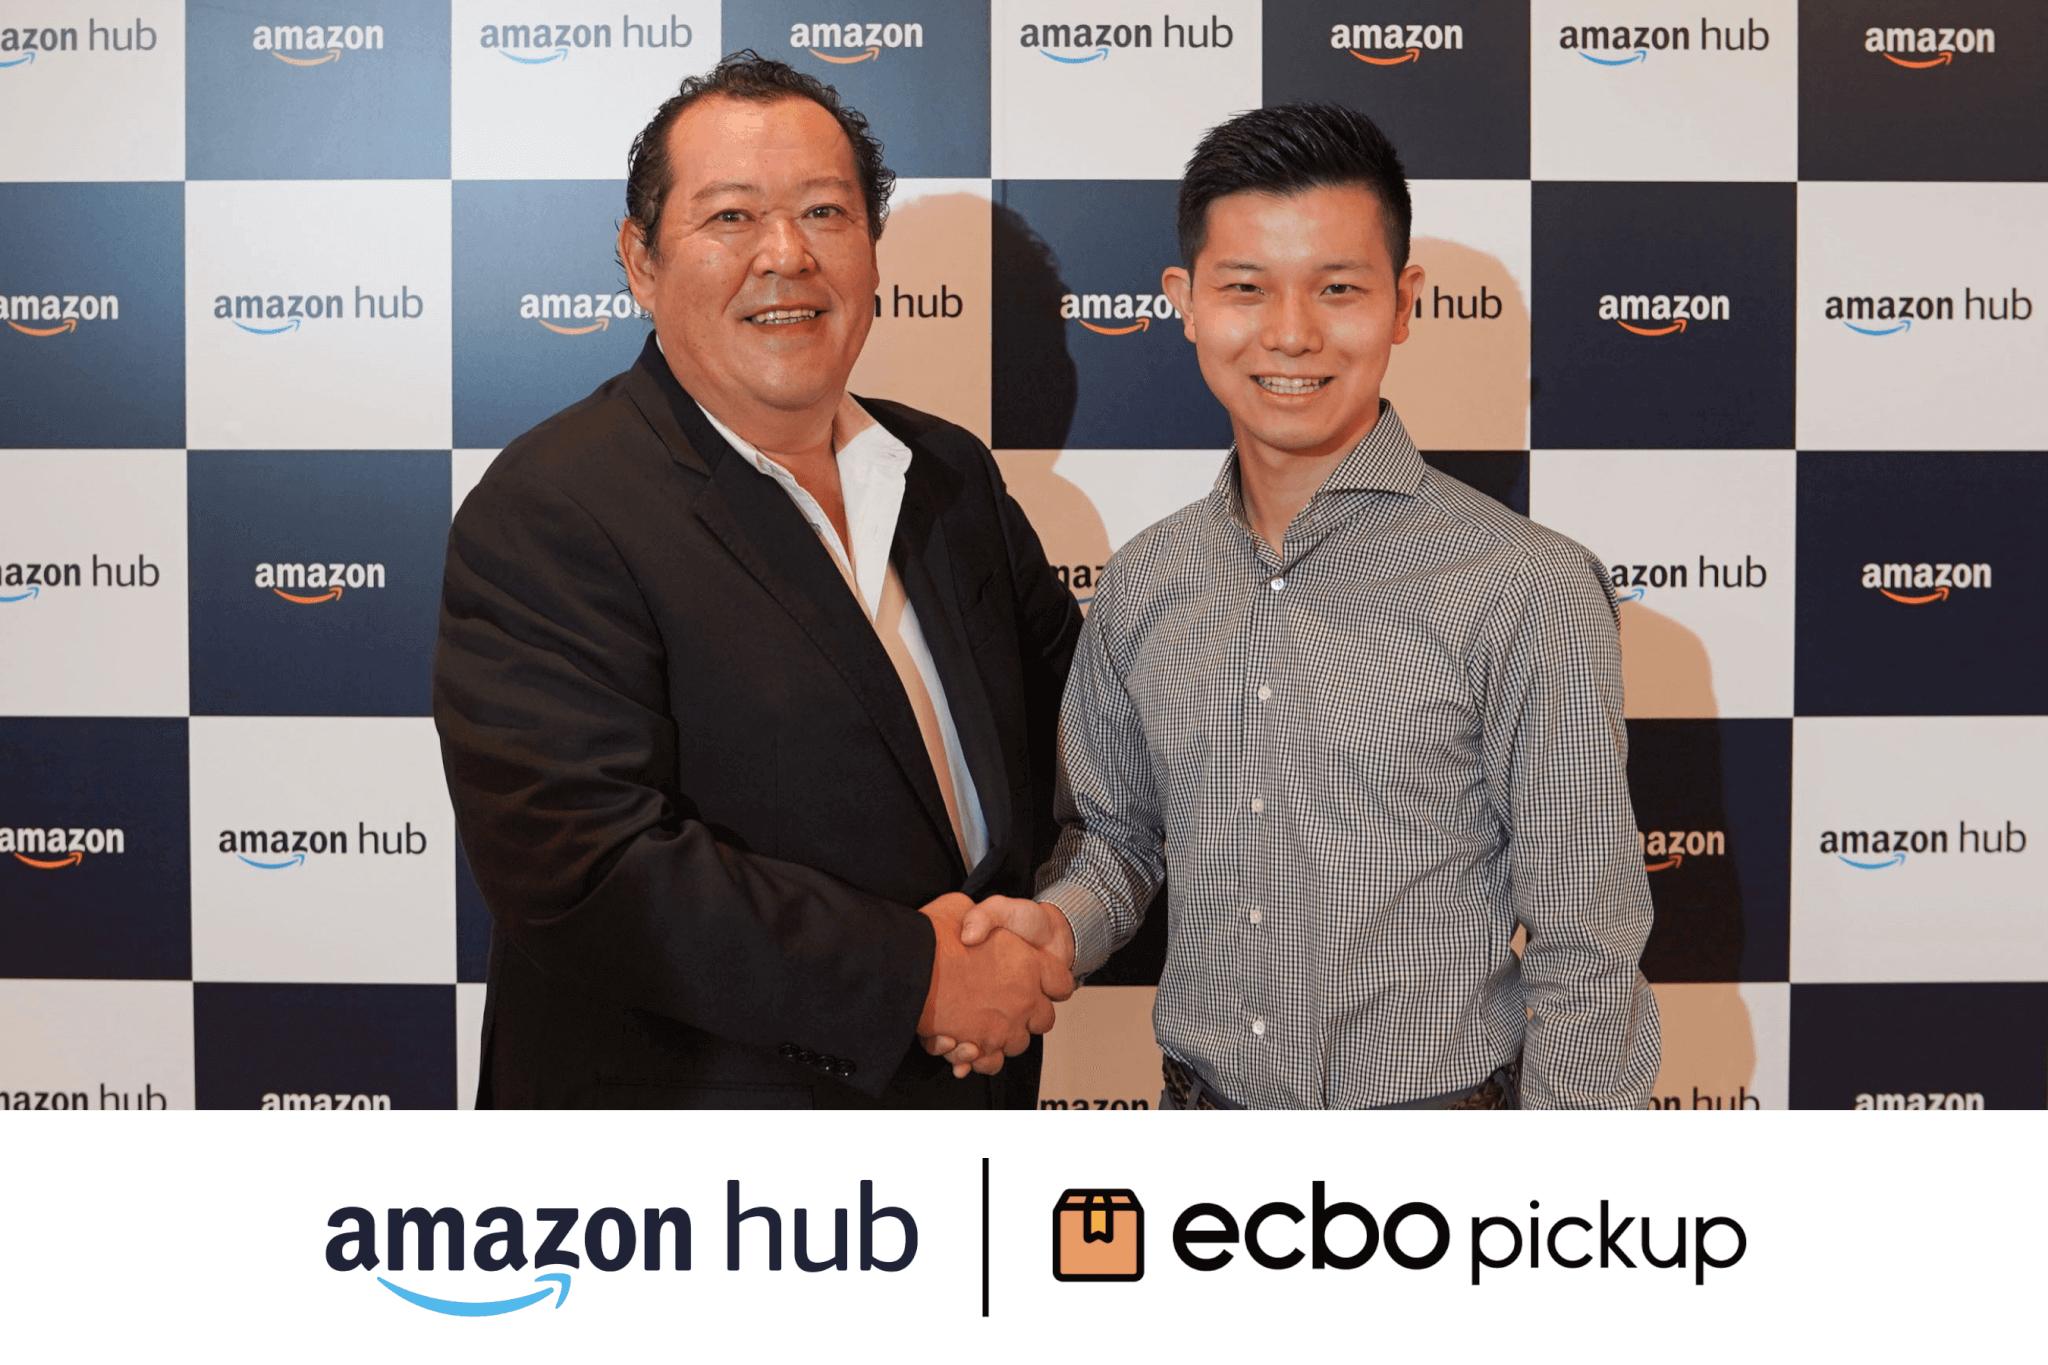 Amazon Hub/ecbo pickup